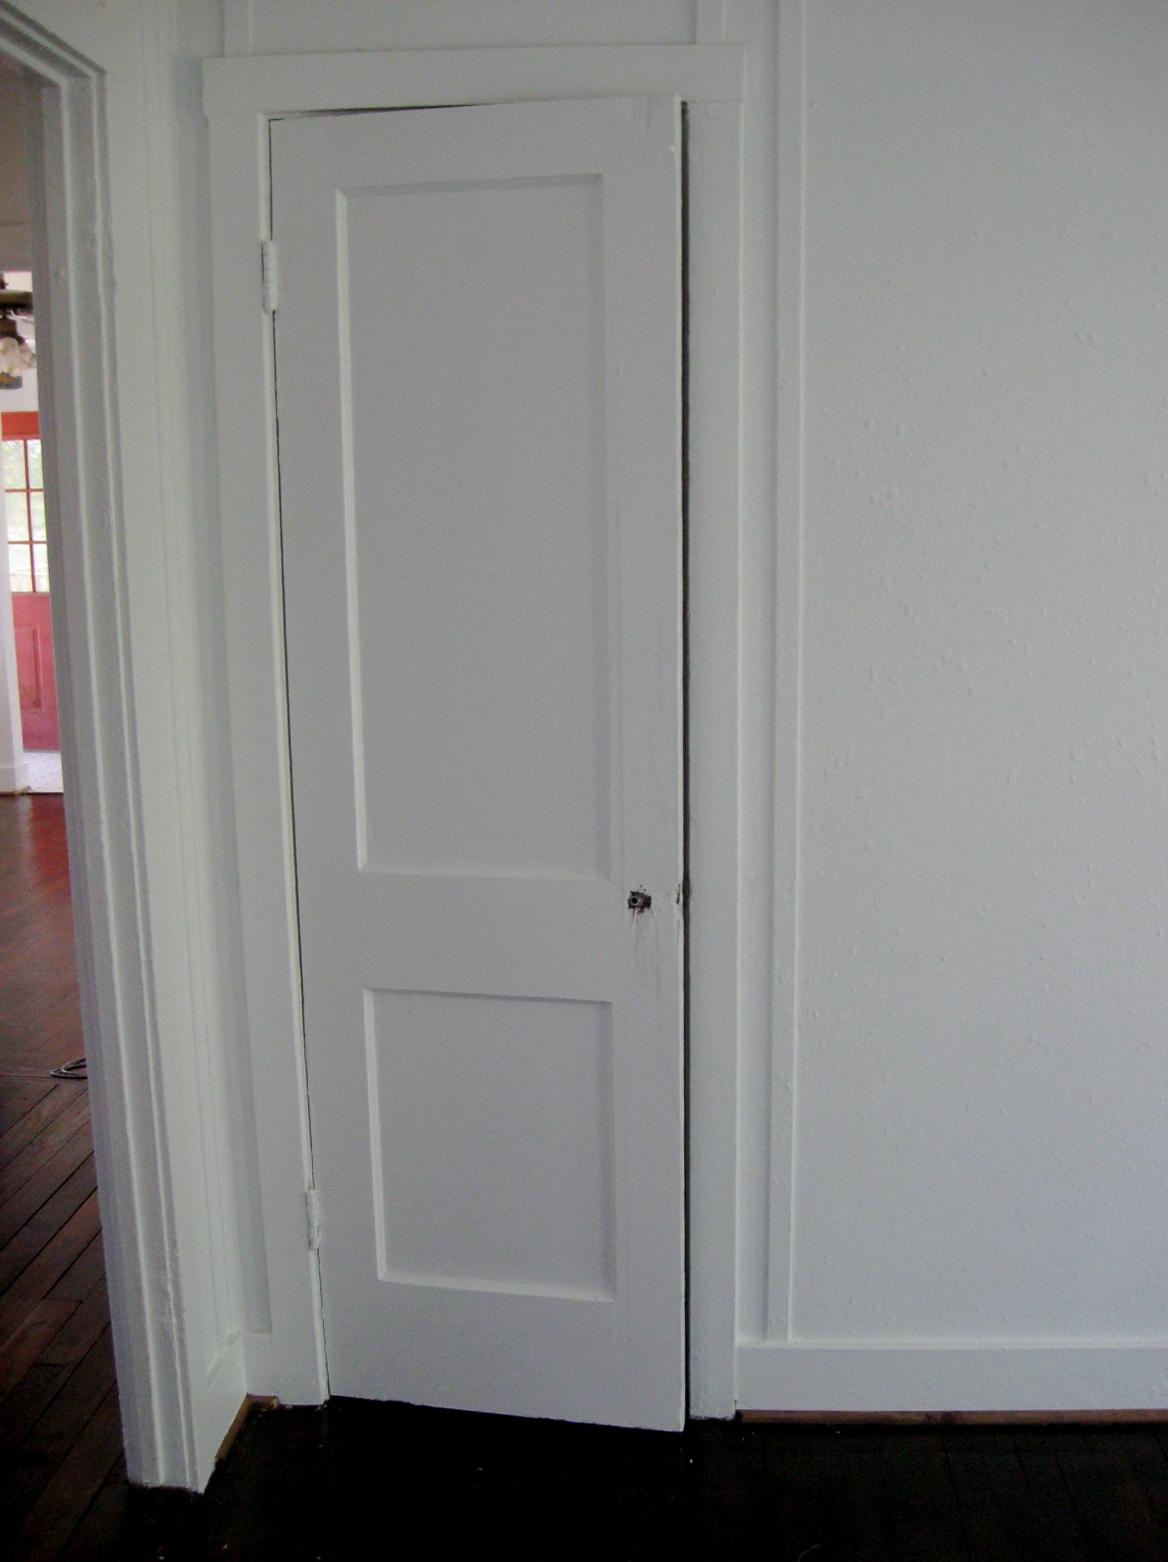 Closet Door Knob Placement